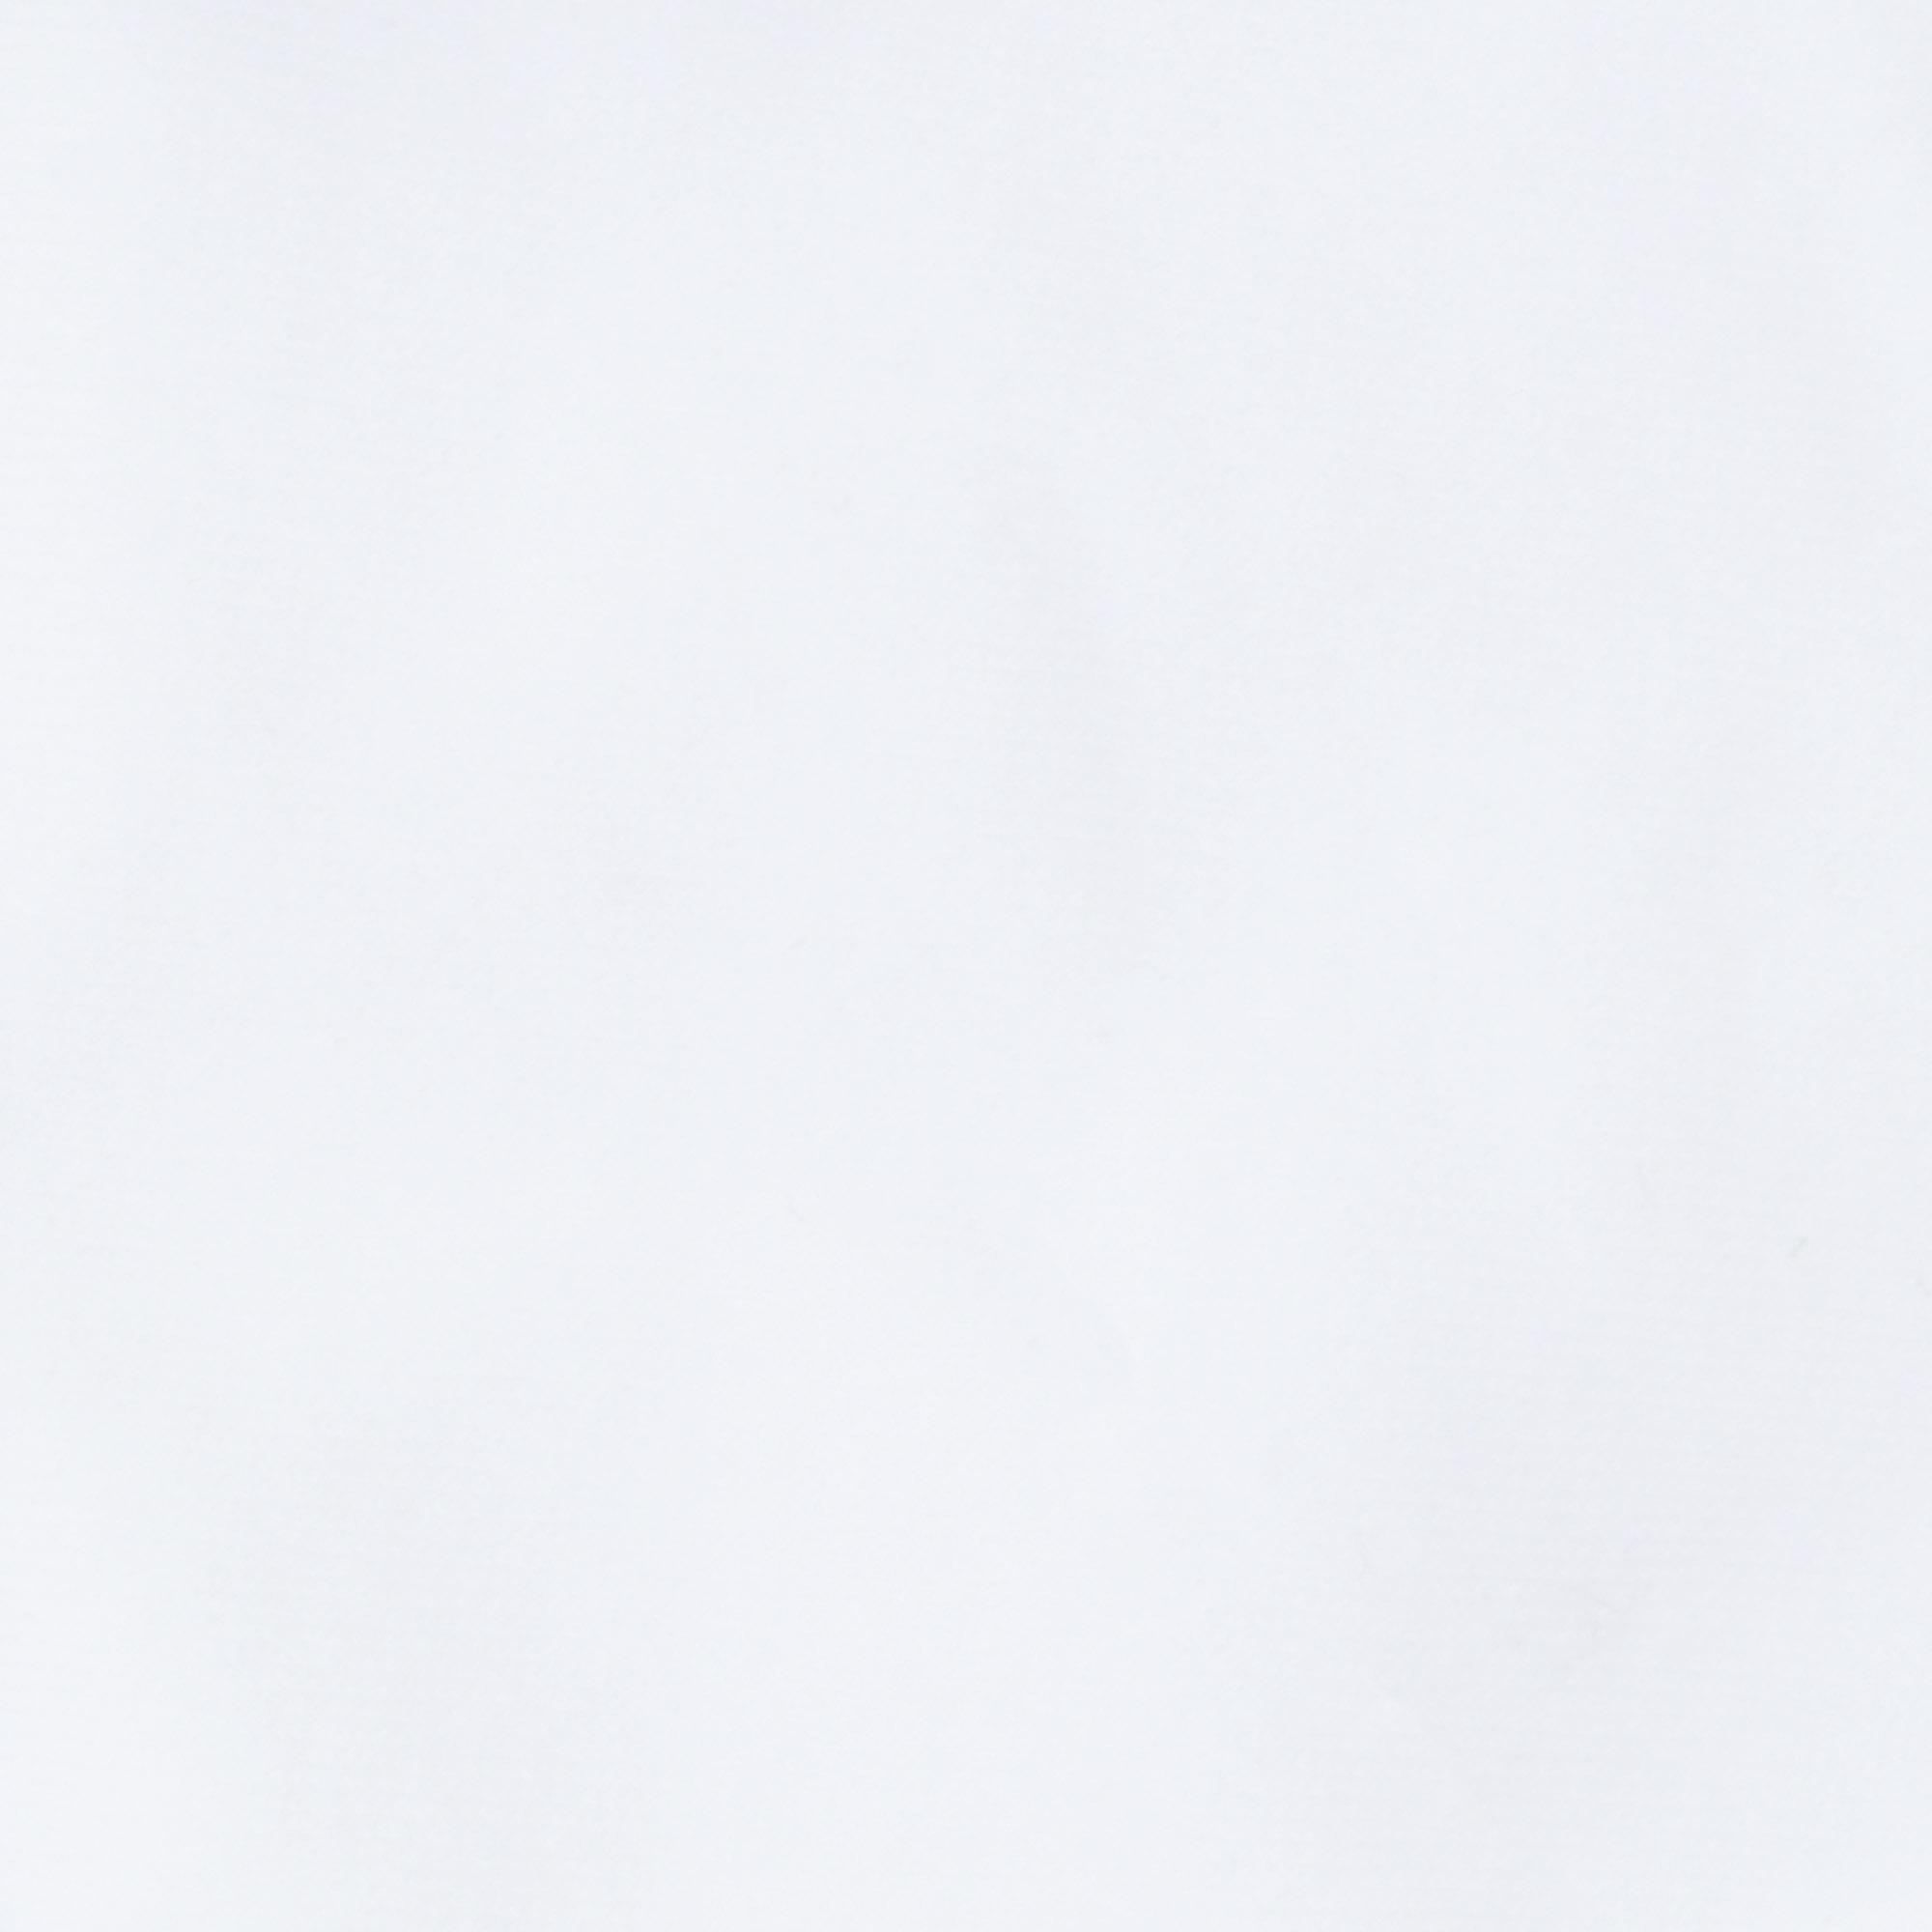 Носки мужские однотонные Lucky Socks НМГ-0110 белые  27-29